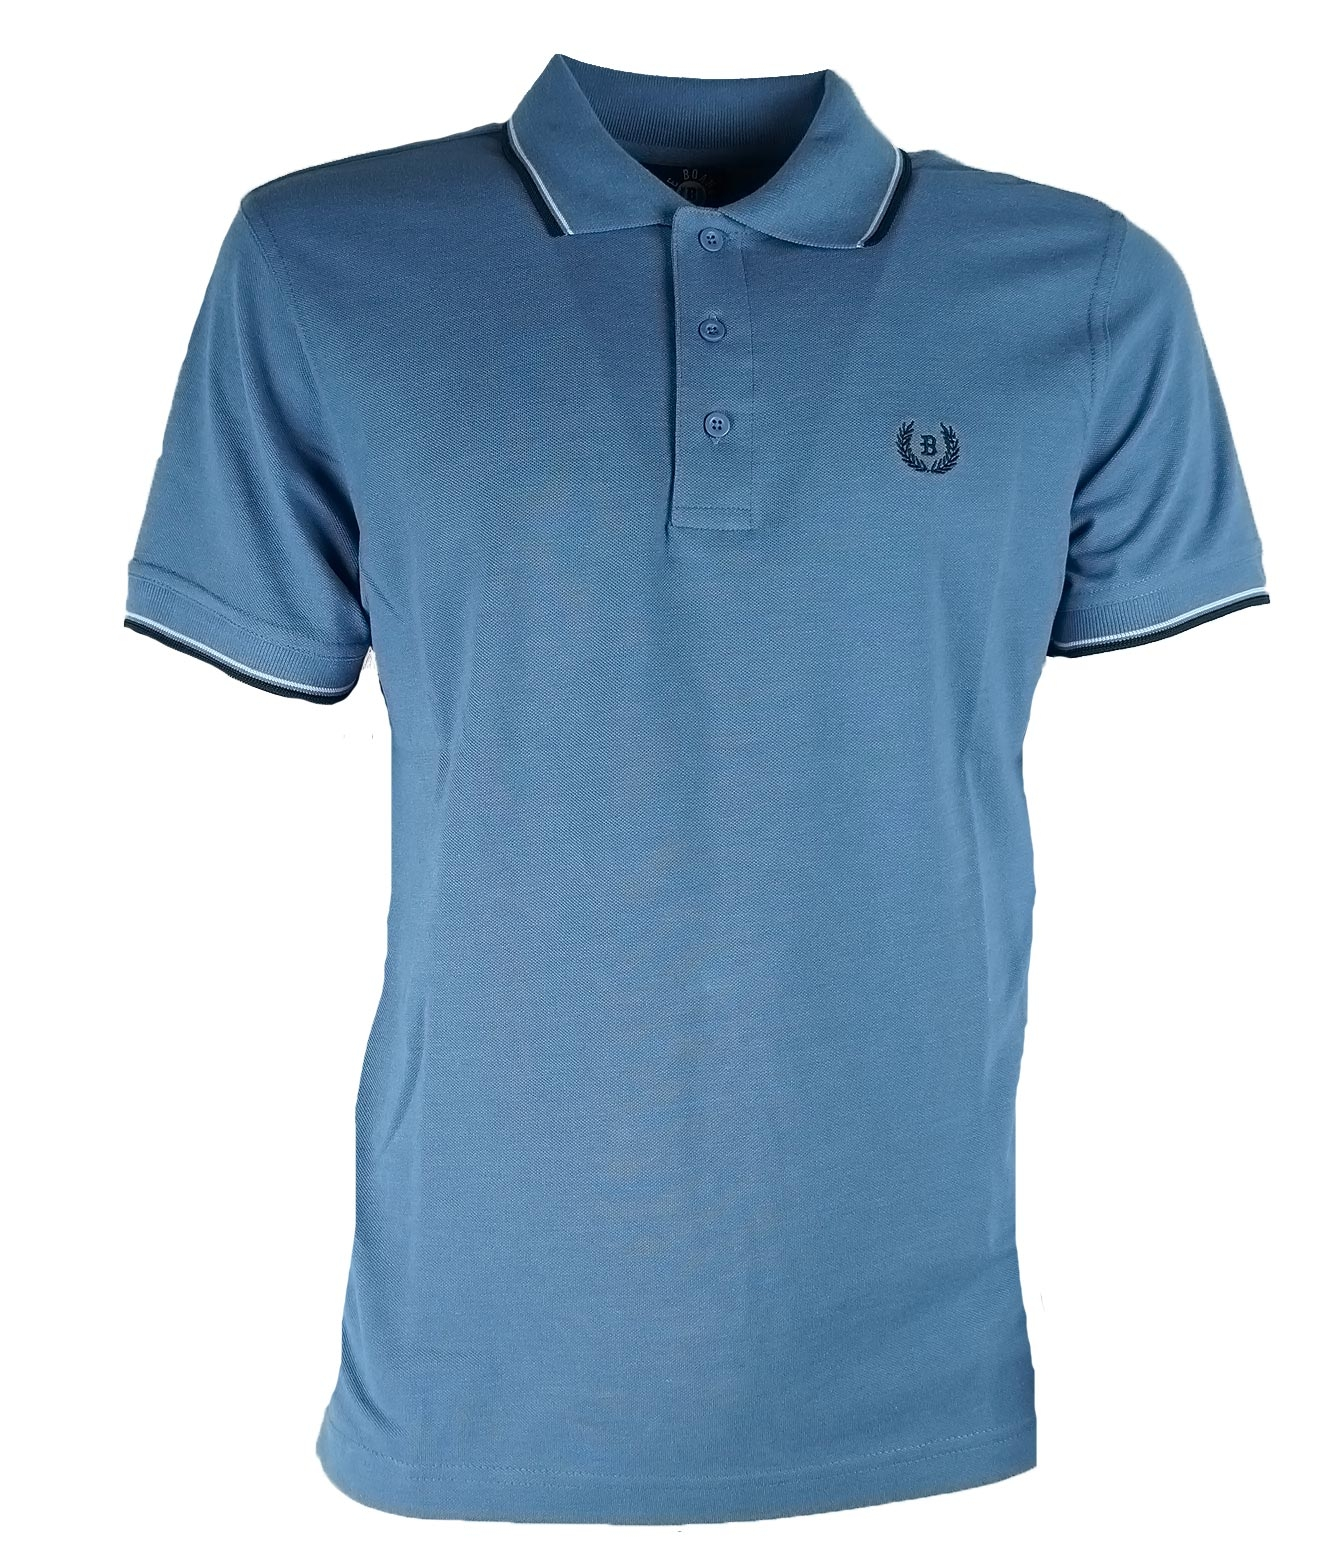 Maglietta POLO UOMO COTONE ASSORTITI Colori Manica Corta T-Shirt Top Casual S-XXL